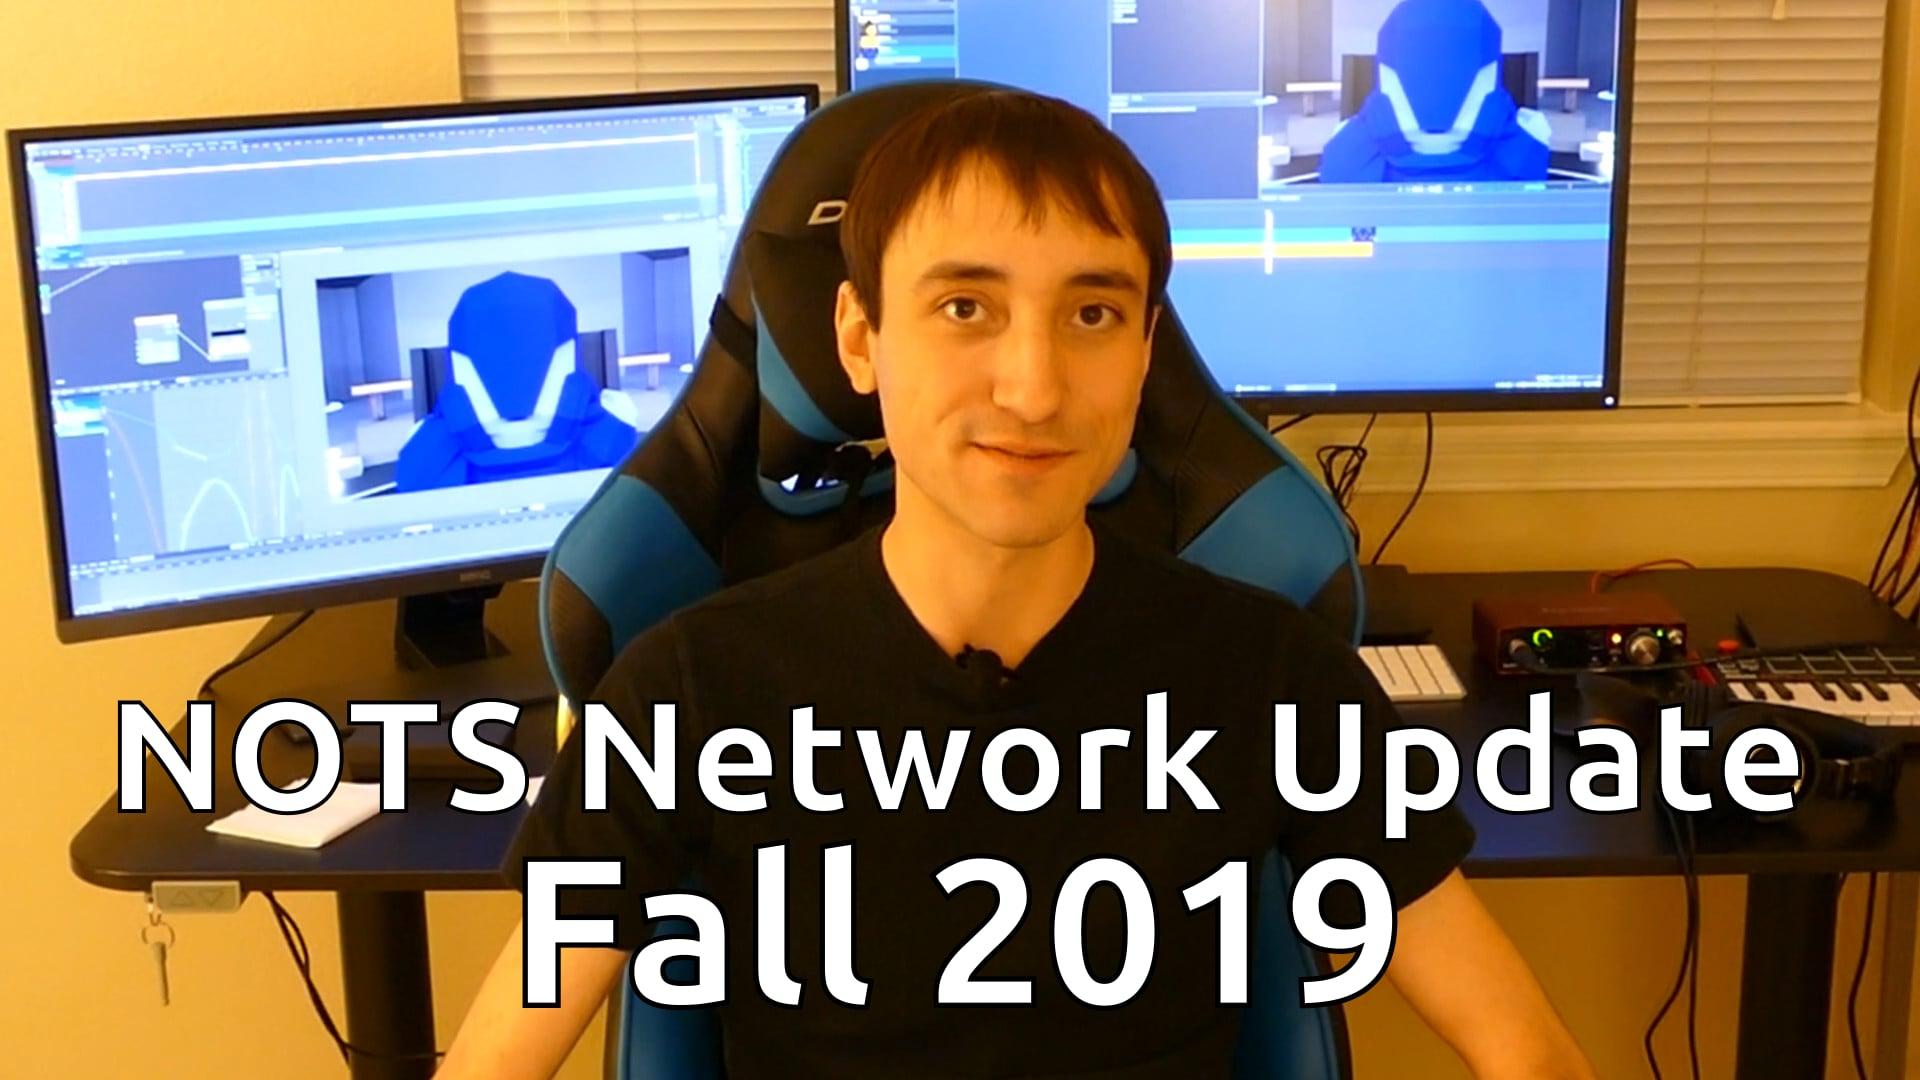 NOTS Network Update - Fall 2019